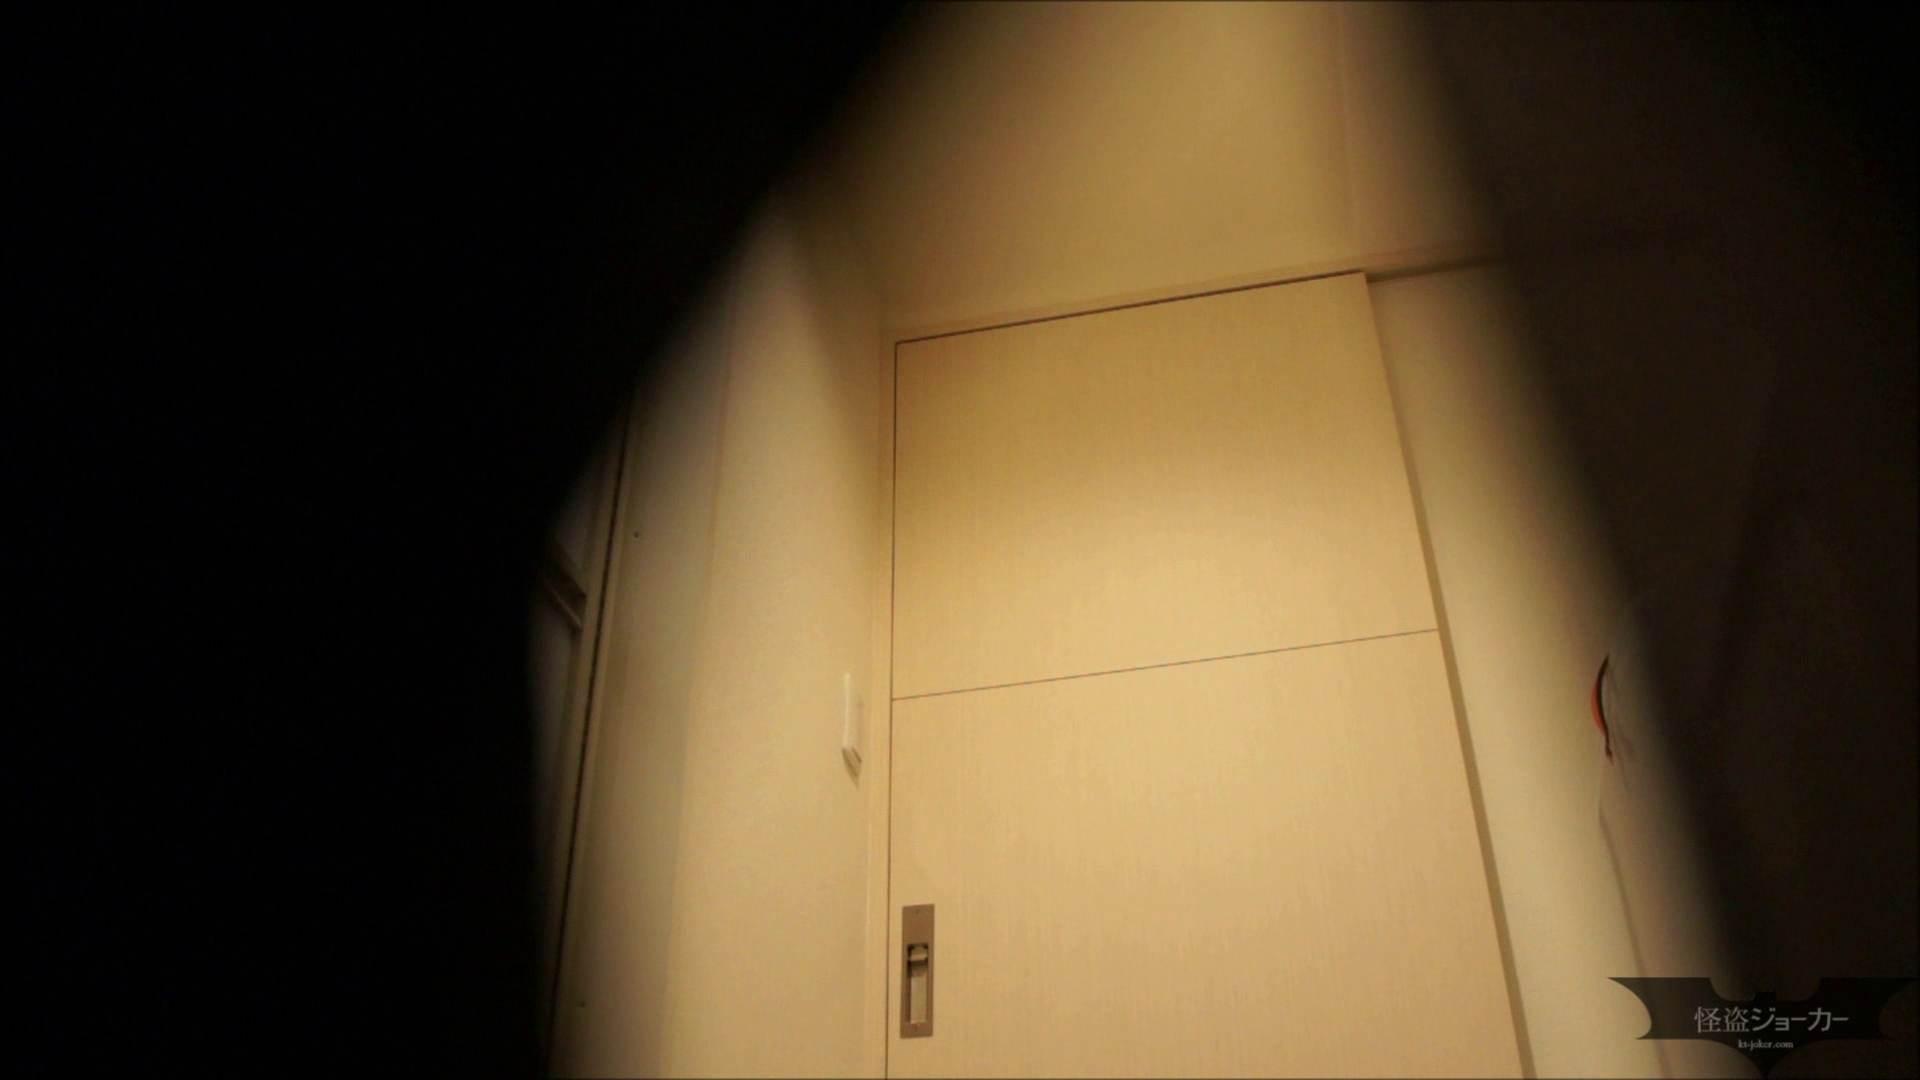 【未公開】vol.54【小春】脱衣所とオナニー隠し撮り オナニー  92pic 4